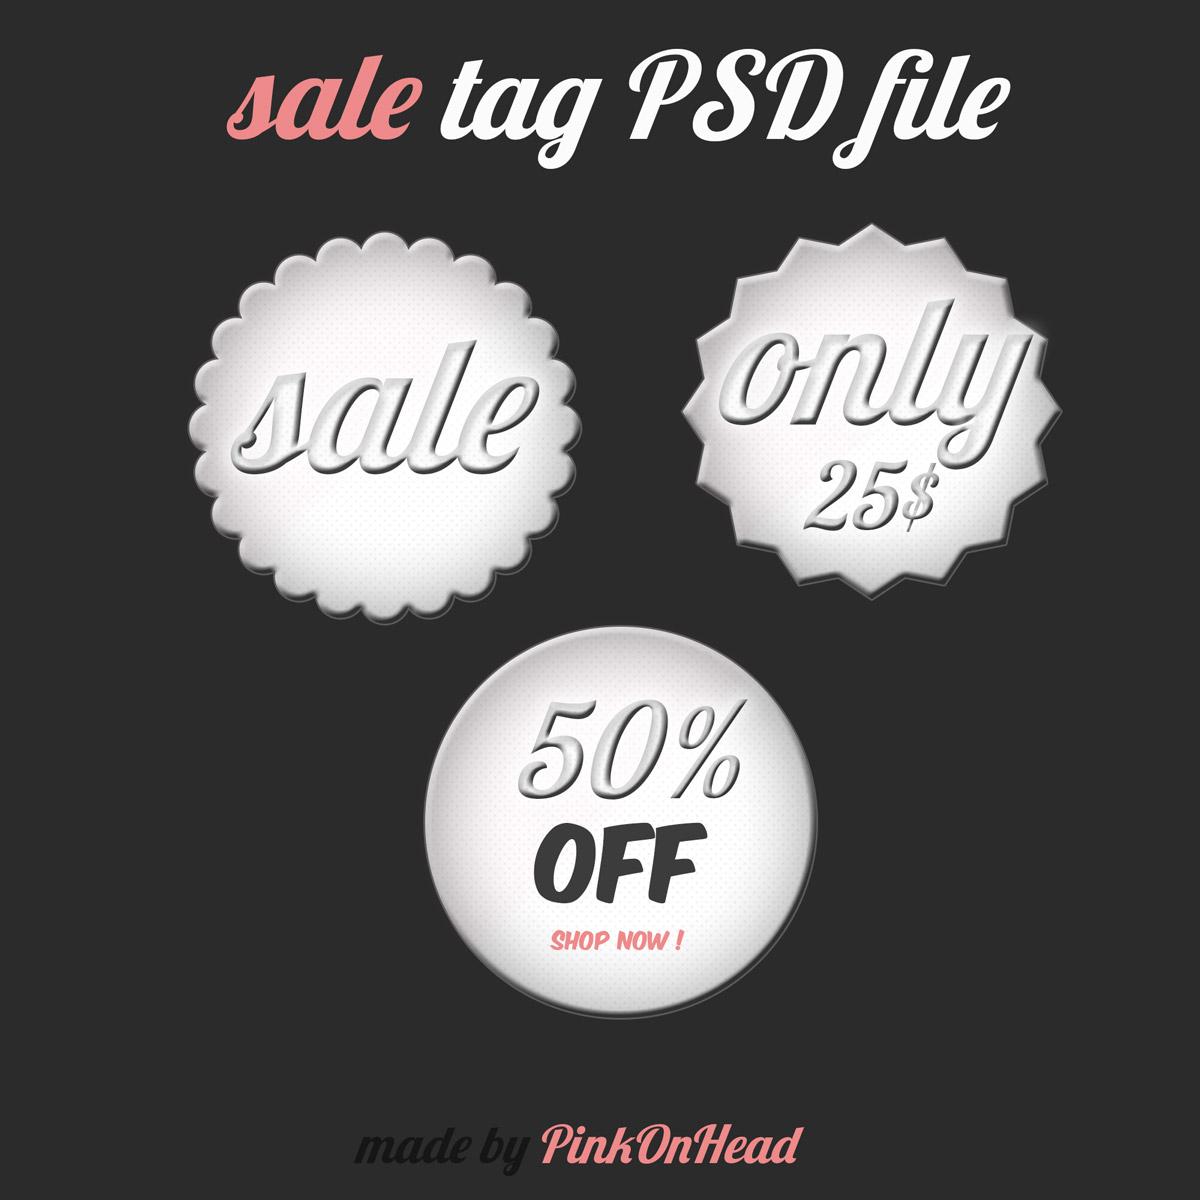 Sale Tag Free PSD - Photoshop psd